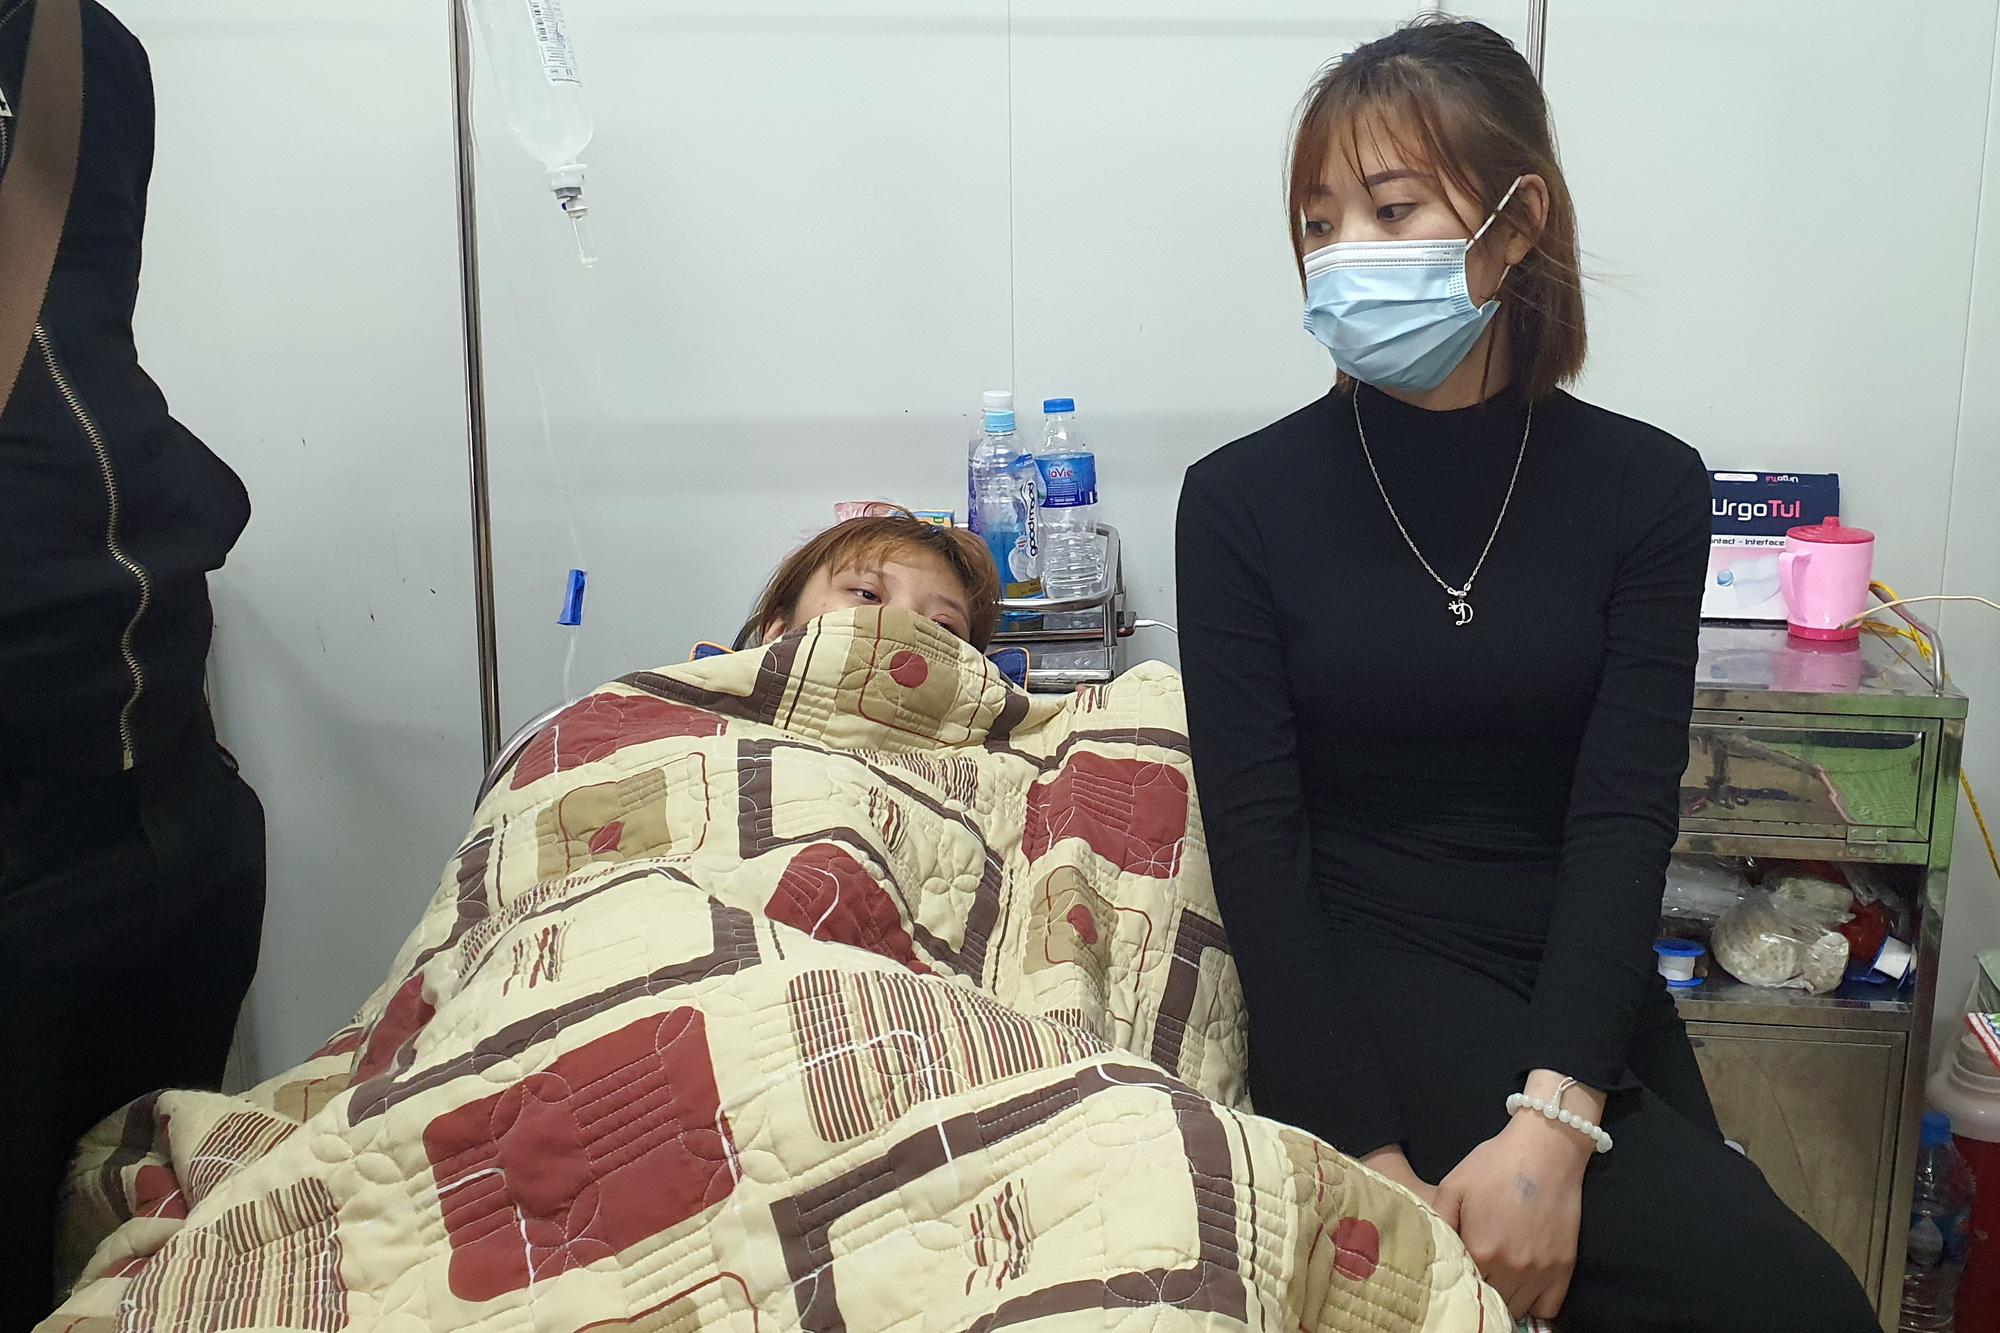 Nhân chứng kể về cuộc thảm sát tại quán karaoke ở Hòa Bình - Ảnh 2.